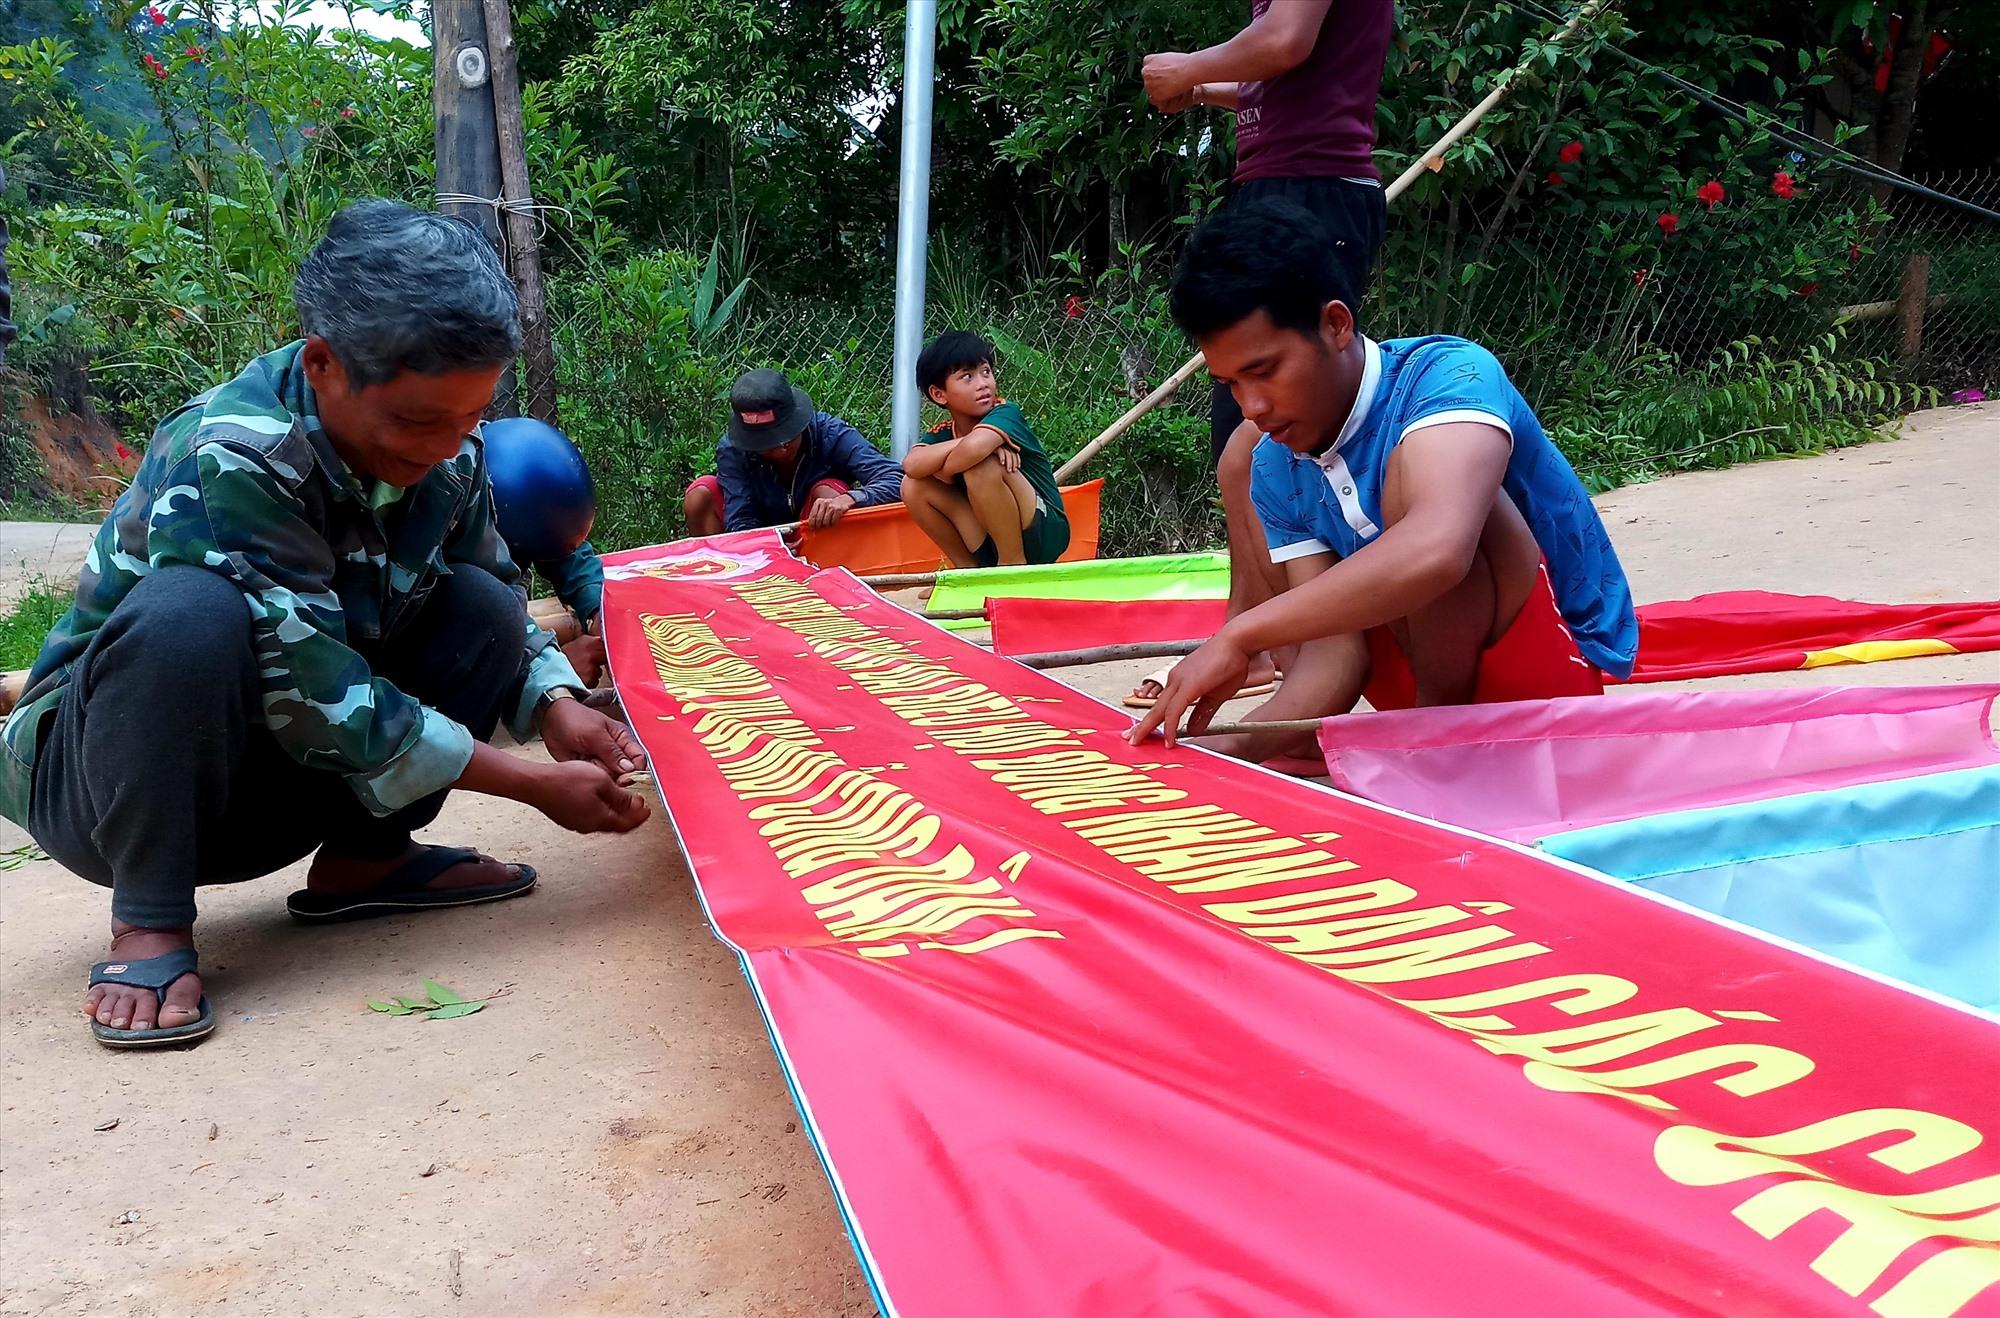 Đồng bào vùng cao Nam Giang cùng phụ giúp trang trí cổng chào ngày hội bầu cử sớm.Ảnh: ALĂNG NGƯỚC